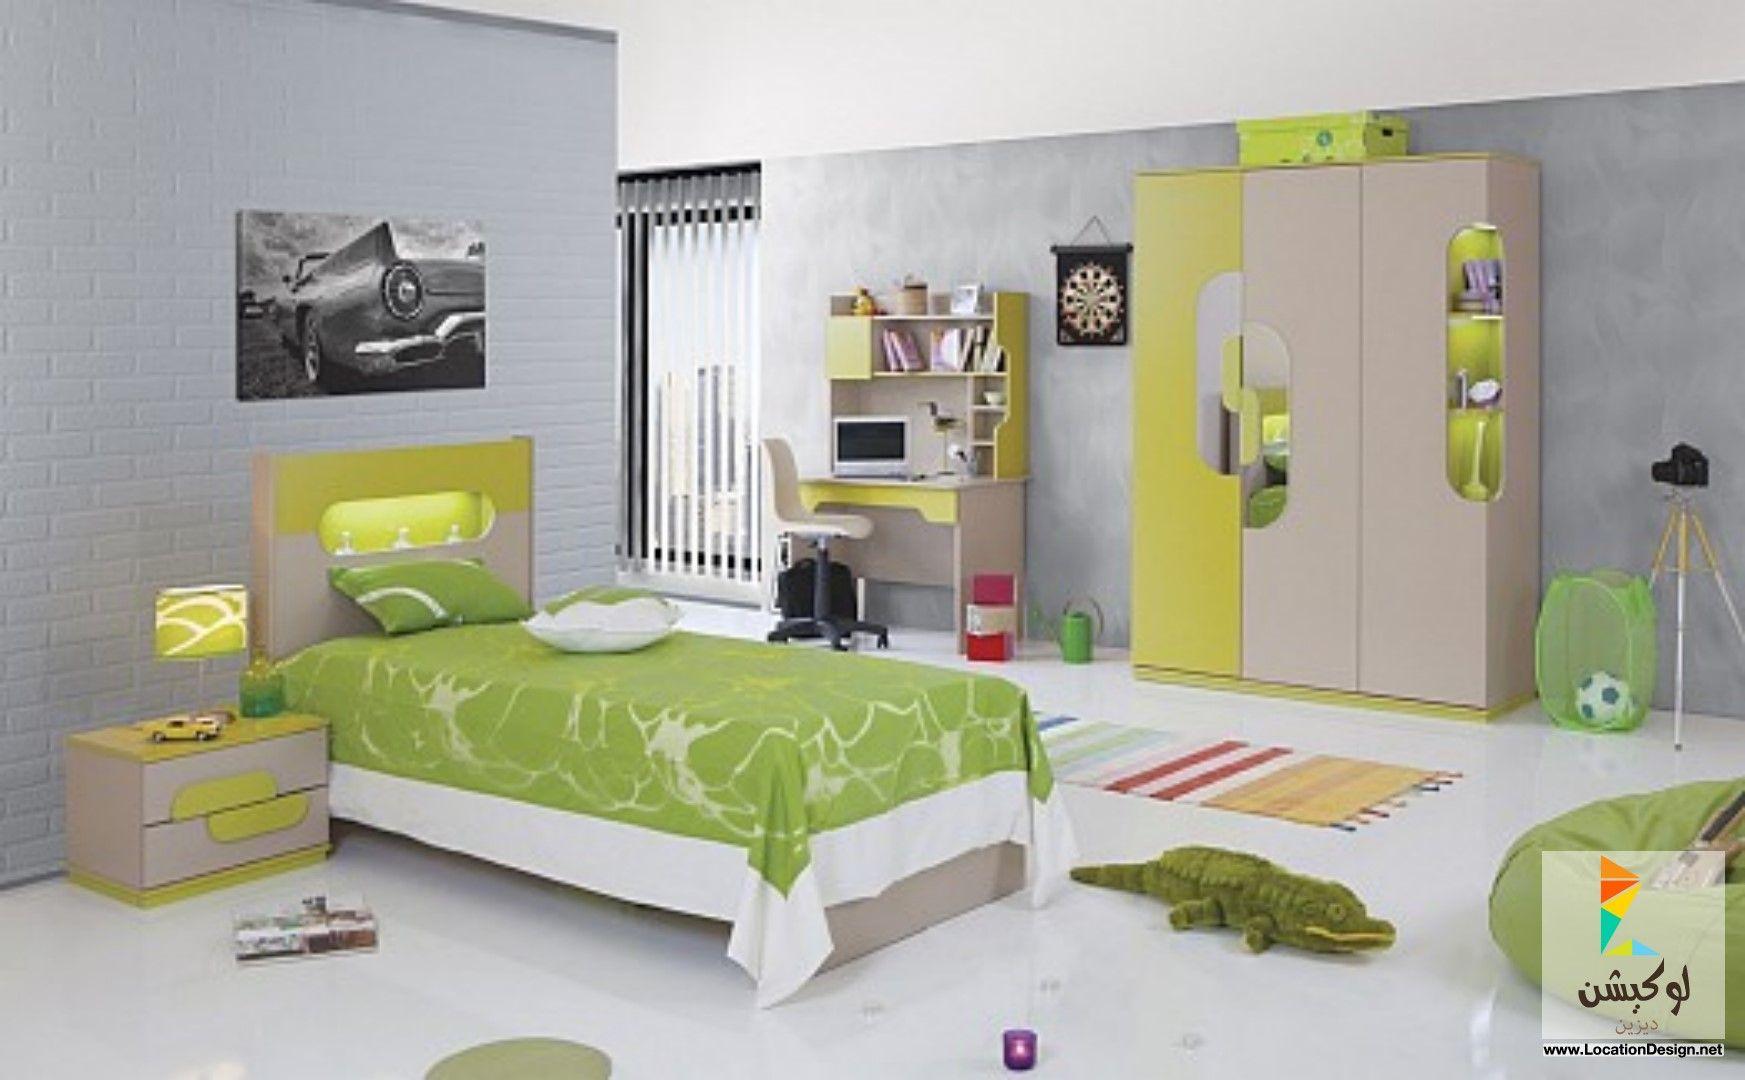 افضل تصميمات غرف نوم اطفال جميلة وحديثة 2015 لوكيشن ديزاين تصميمات ديكورات أفكار جديدة مصر Bedroom Furniture Sets Furniture Bedroom Design